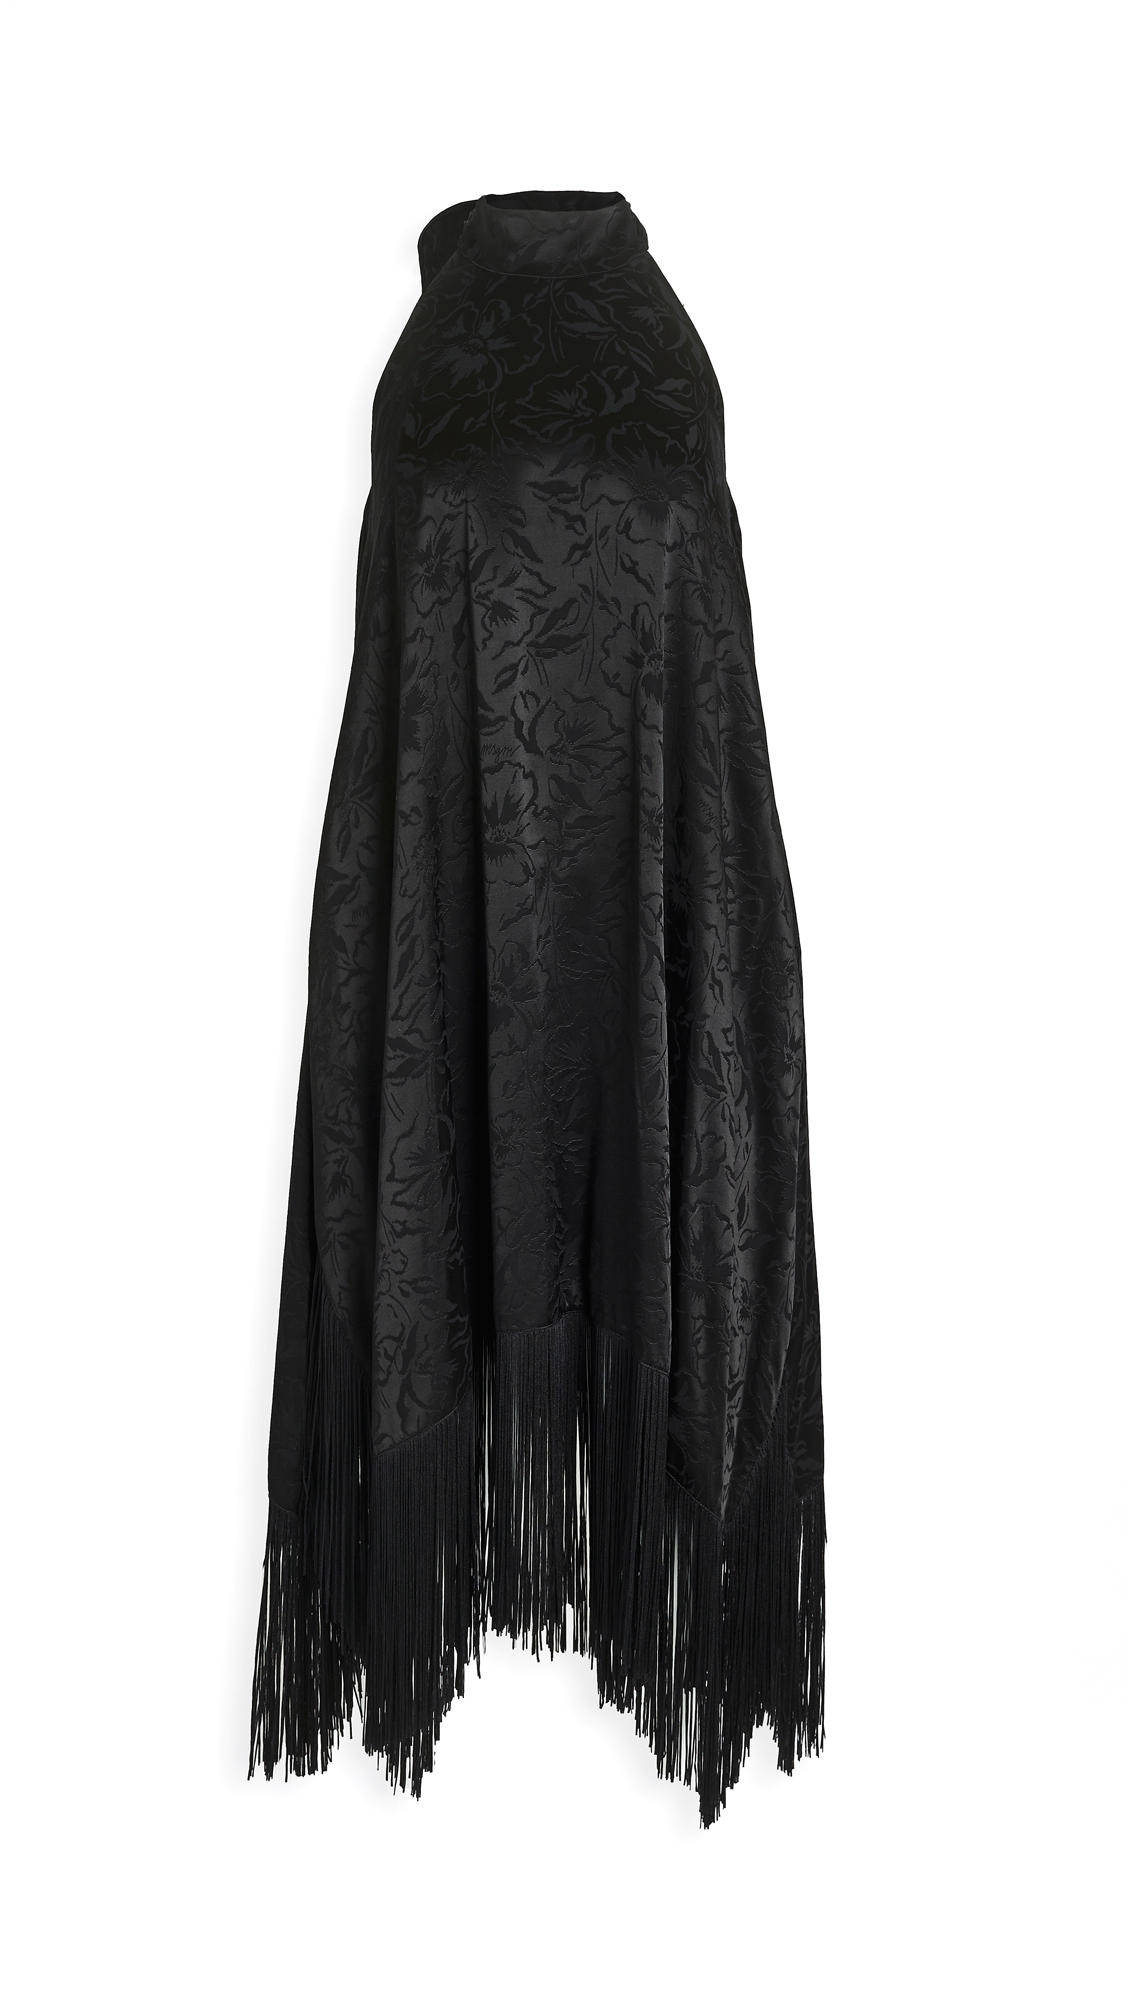 MSGM Sleeveless Fringe Dress